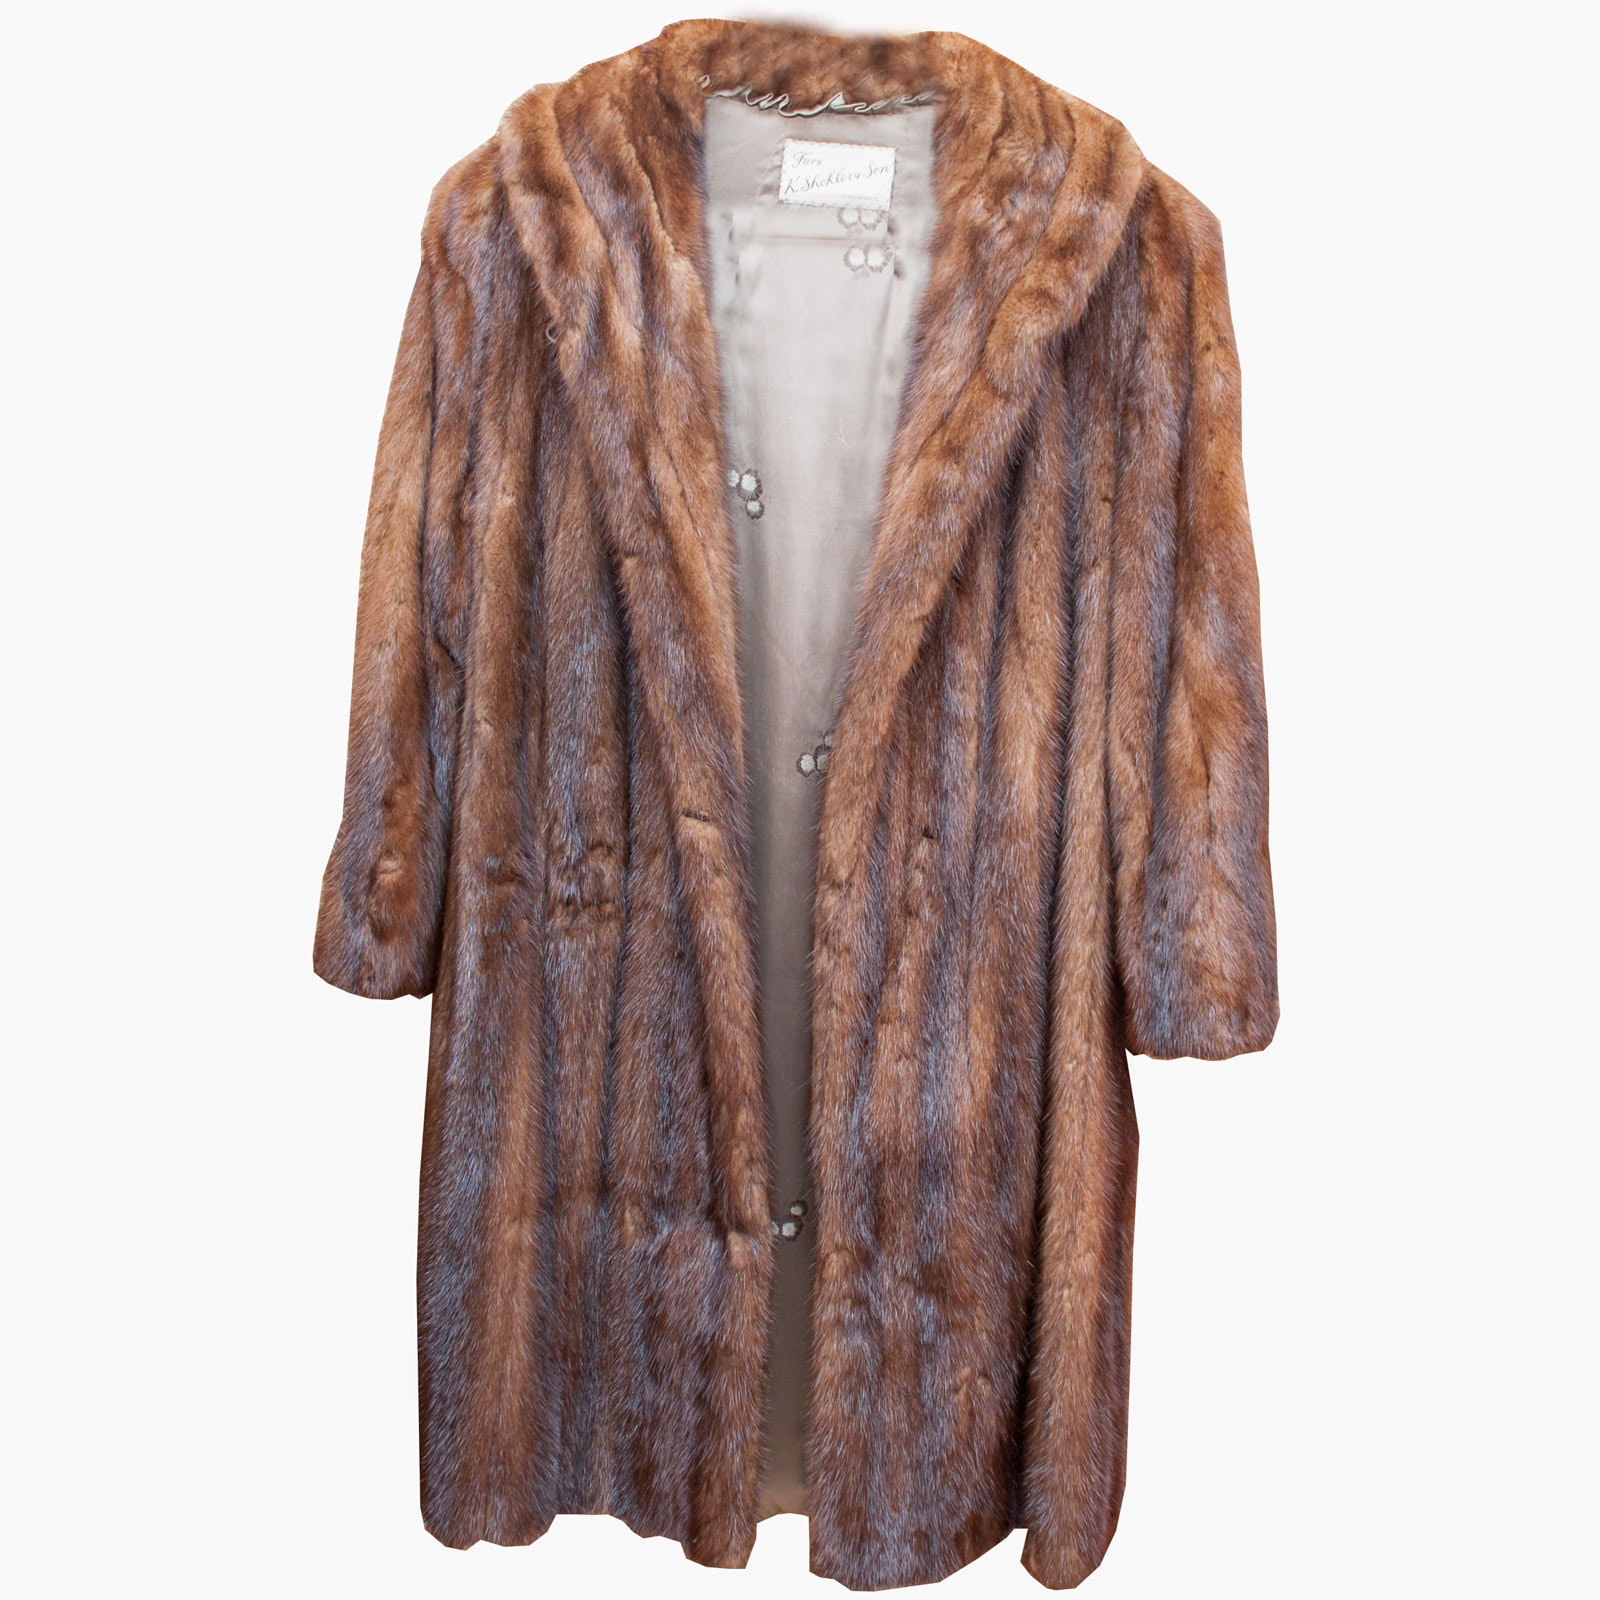 Vintage Beaver Fur Coat by K. Shoklers & Son